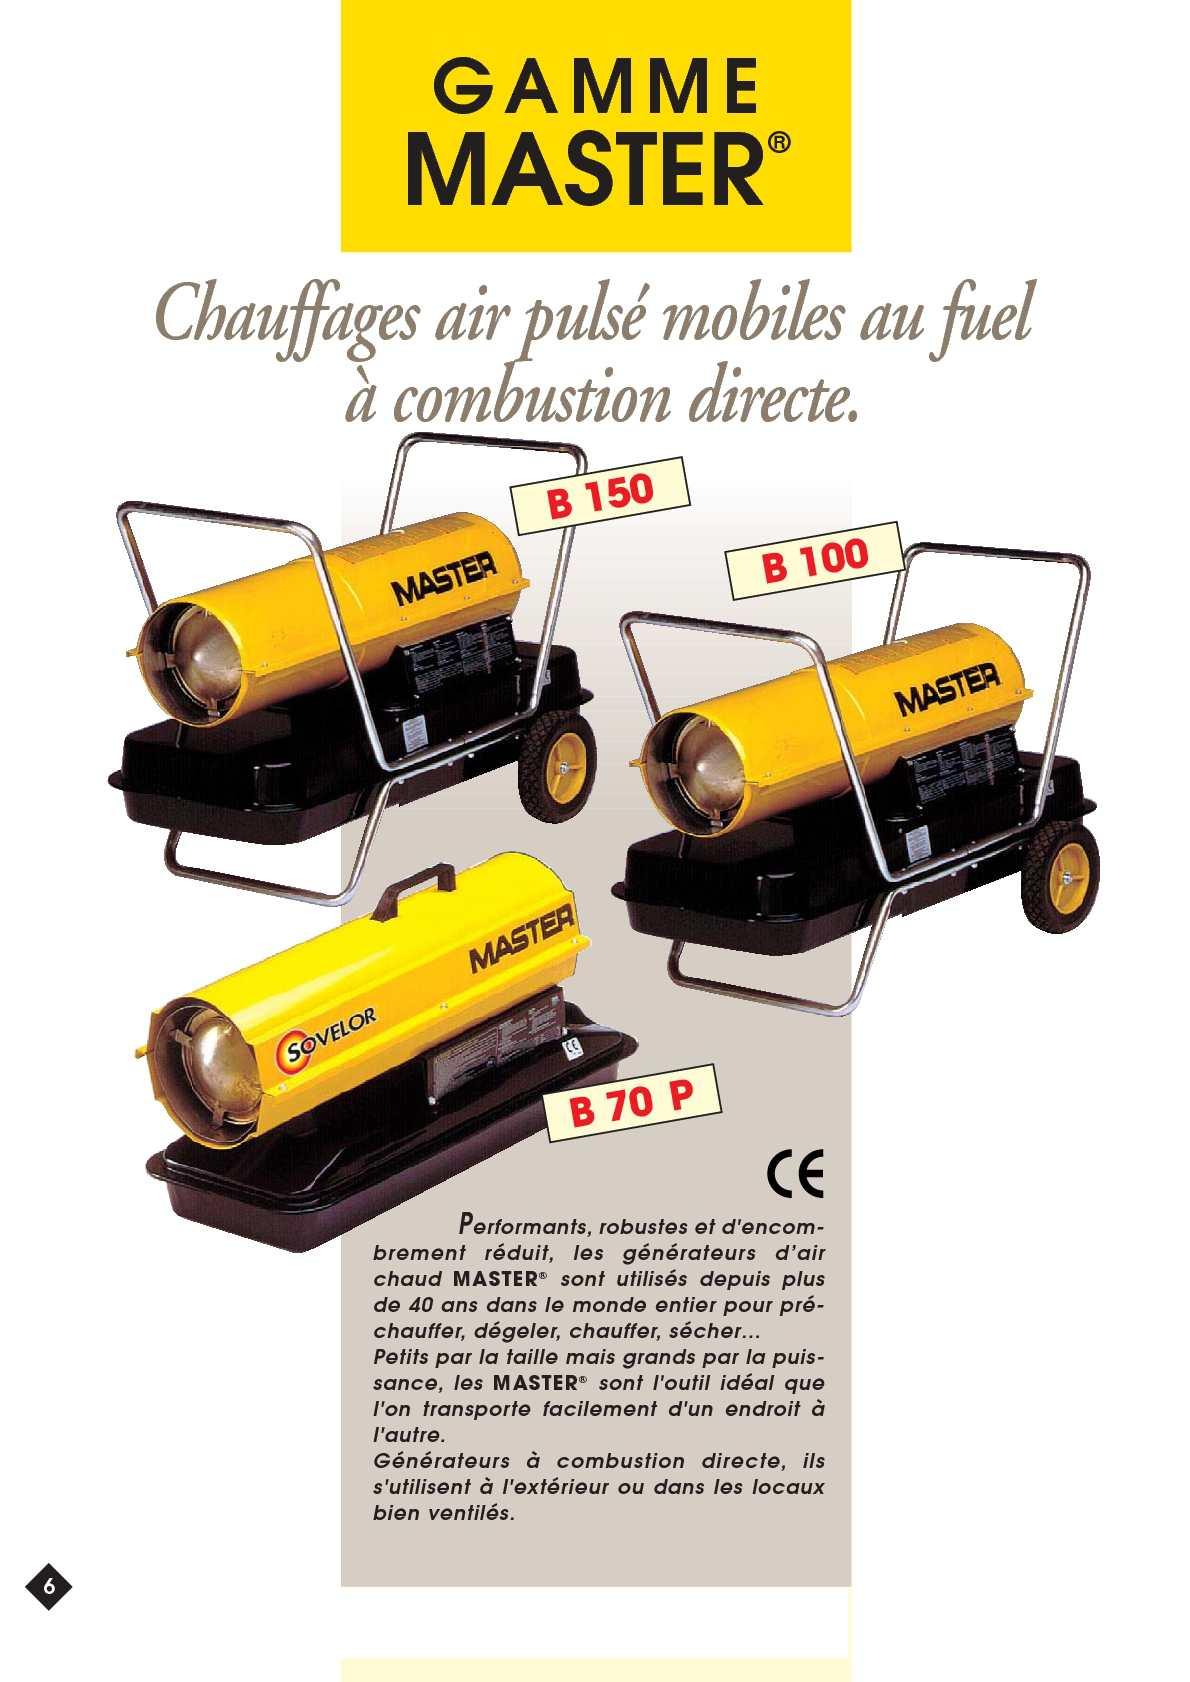 D coration chauffage ventilateur poitiers 18 for Chauffage au gaz ou electrique